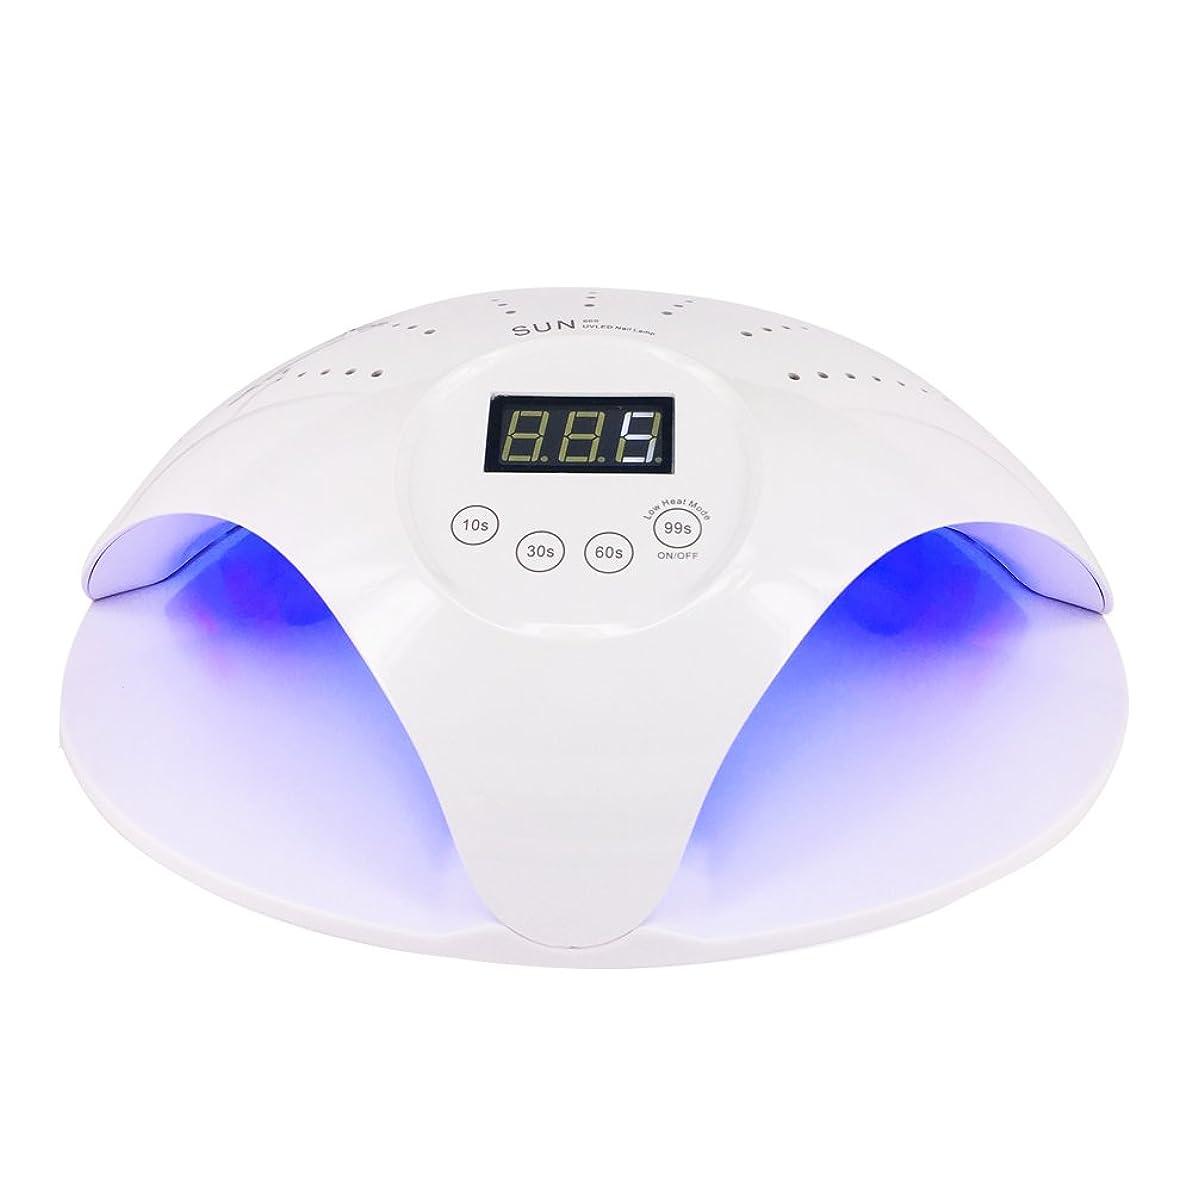 レスリング眠る十分UZMEI 48Wネイルドライヤー両手のネイルゲル硬化UVランプは、すべてのゲル用に10秒/ 30秒/ 60秒/ 99秒(白色)